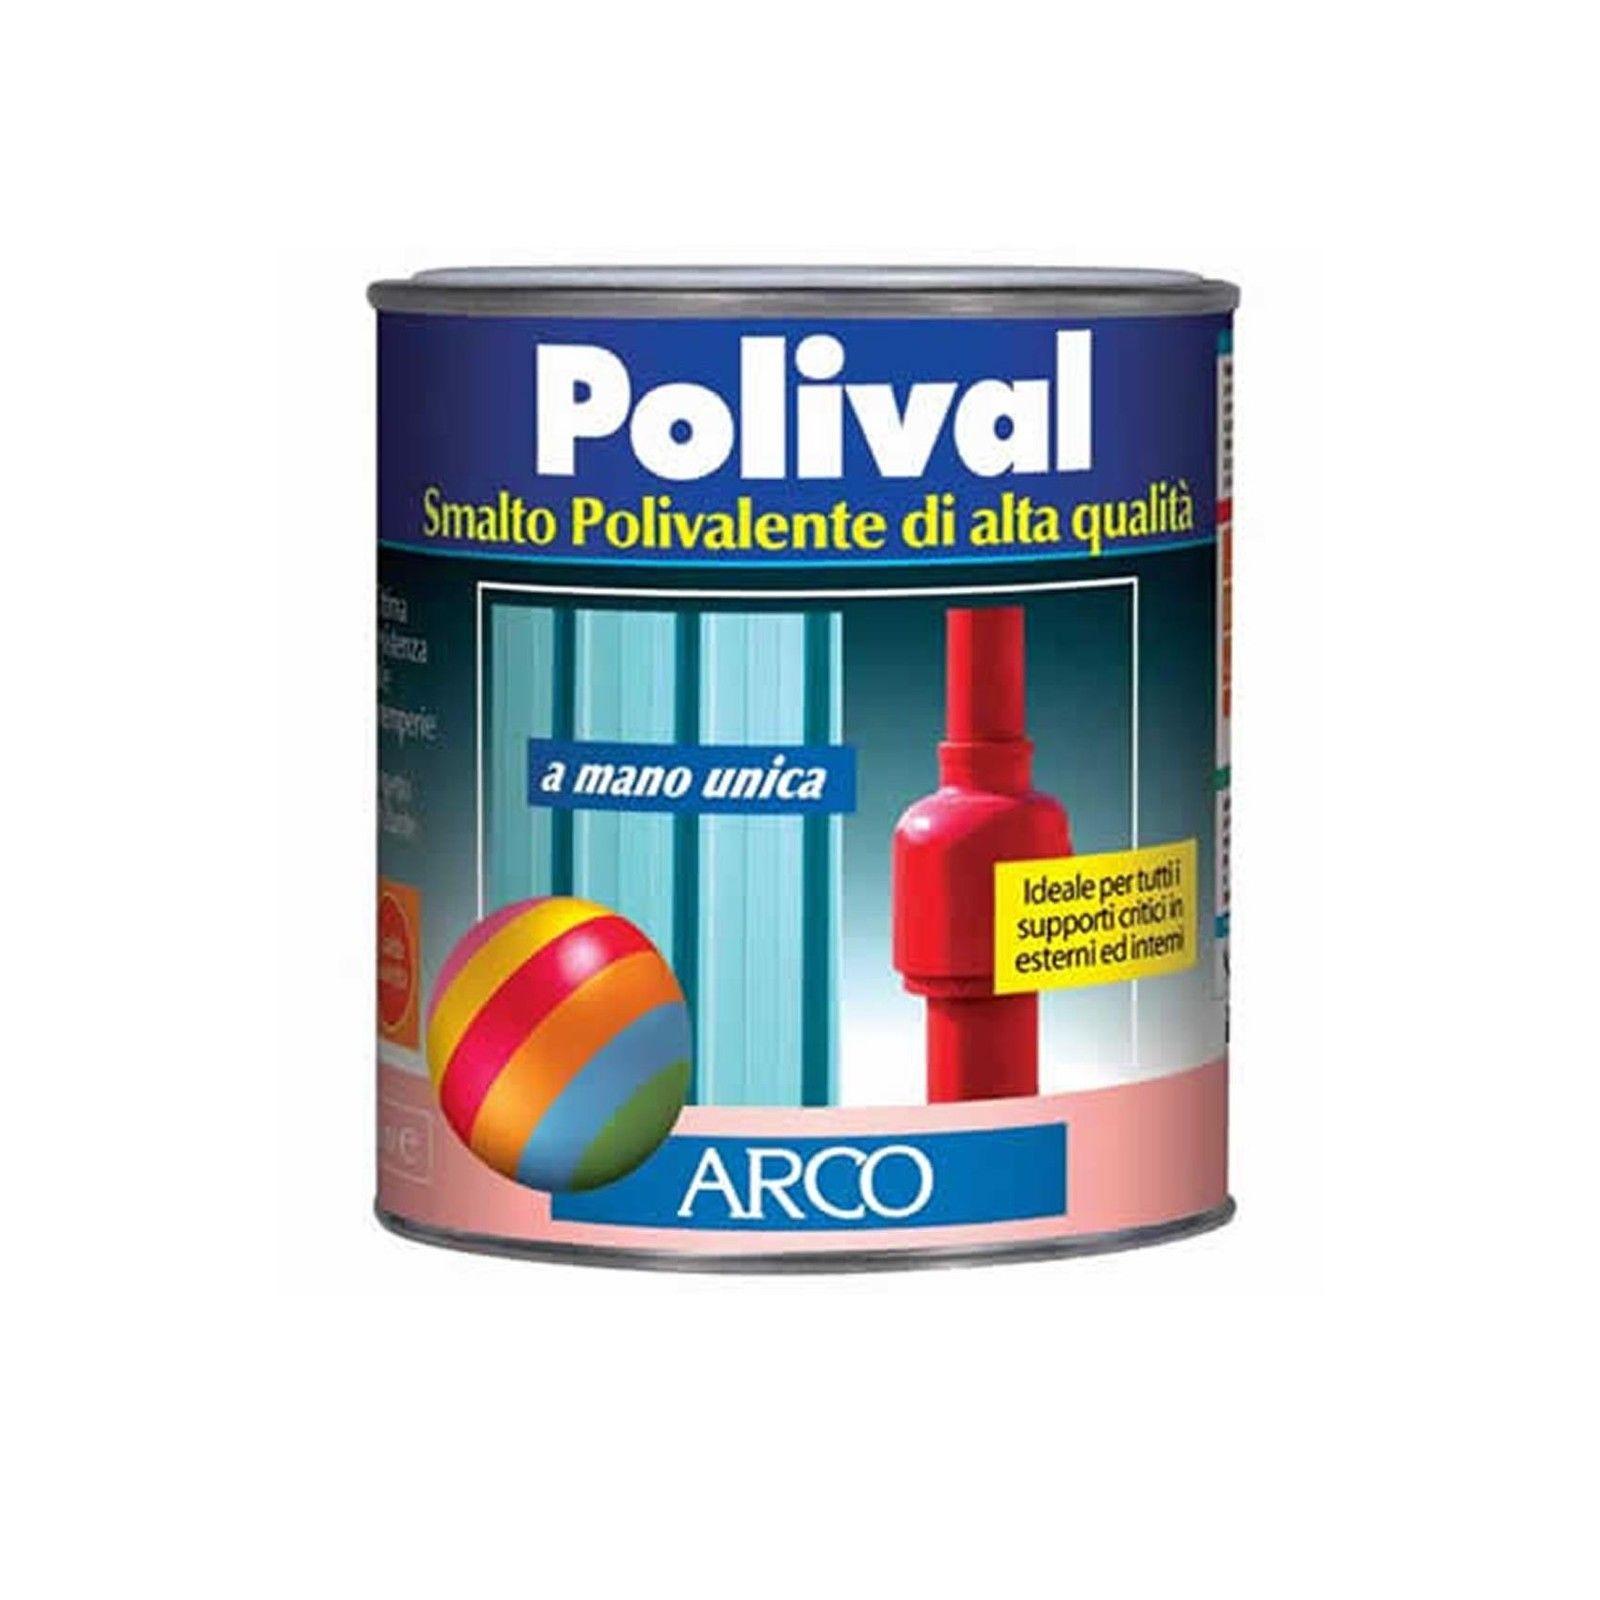 Arco Polival smalto 750ml  mano unica per plastica vetro lamiera colore  marrone cioccolato